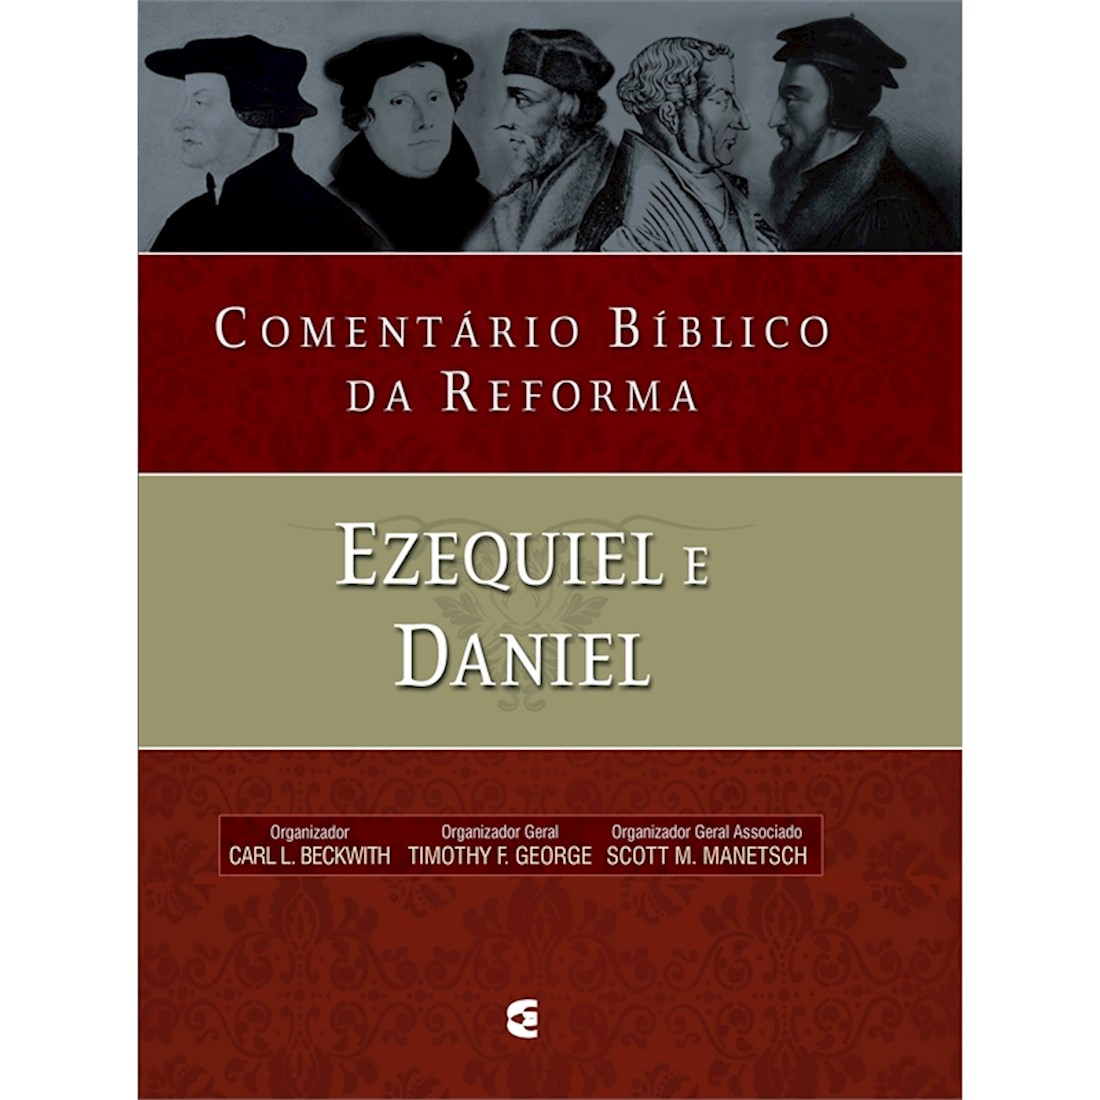 Livro Comentário Bíblico da Reforma - Ezequiel e Daniel